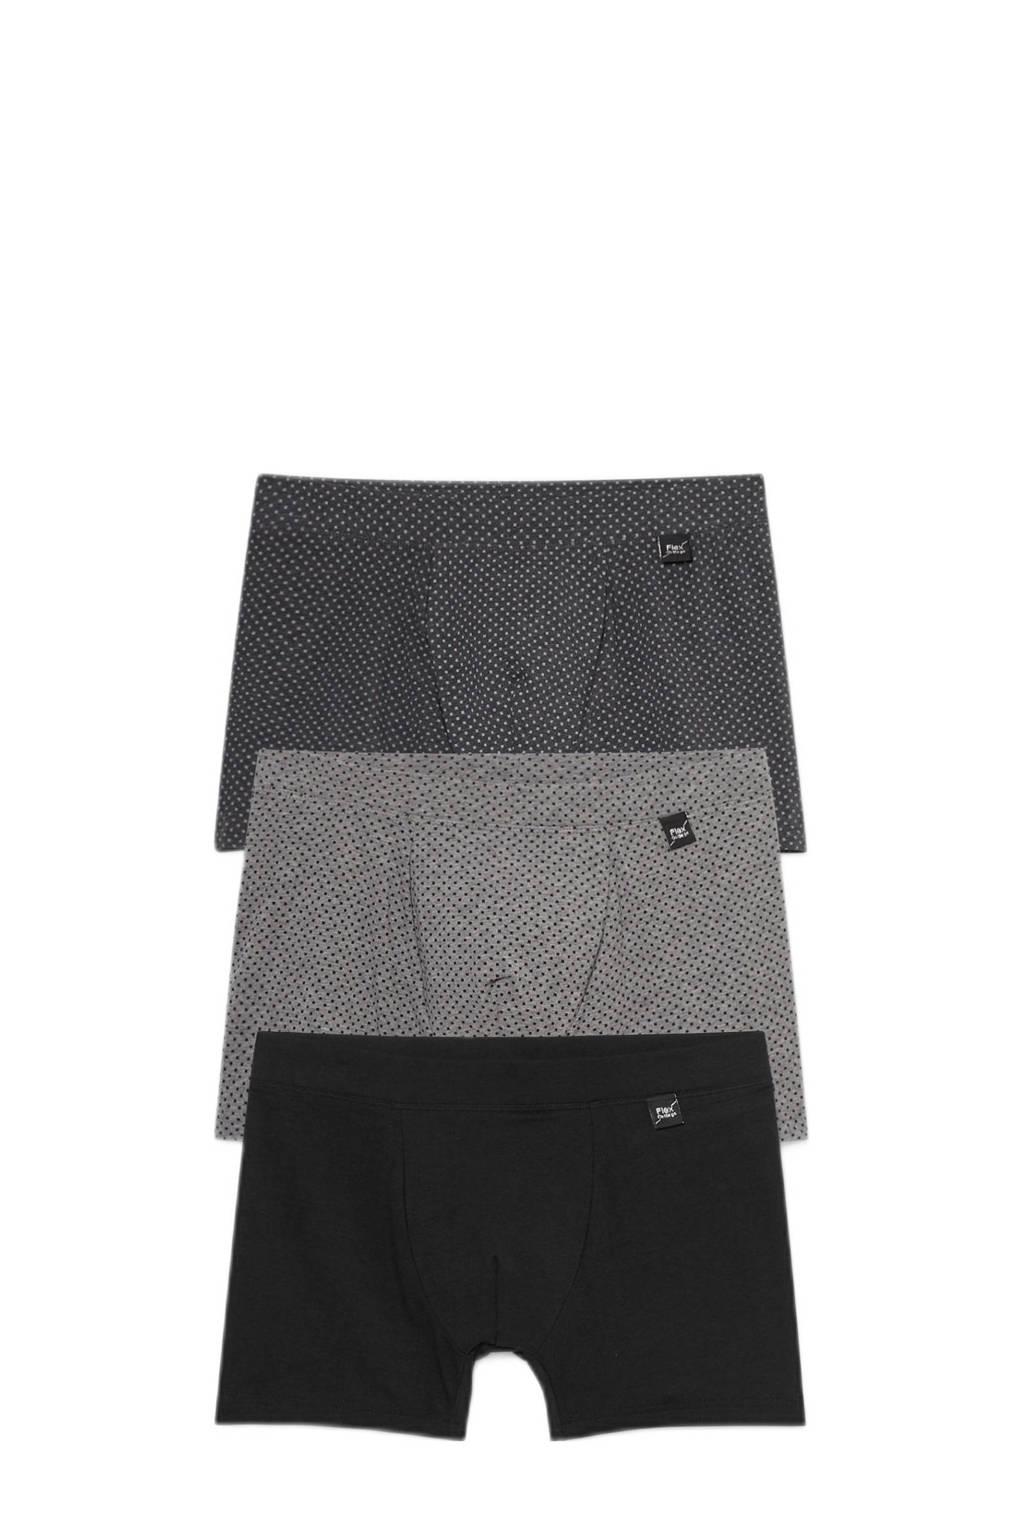 C&A boxershort (set van 3), Zwart/grijs